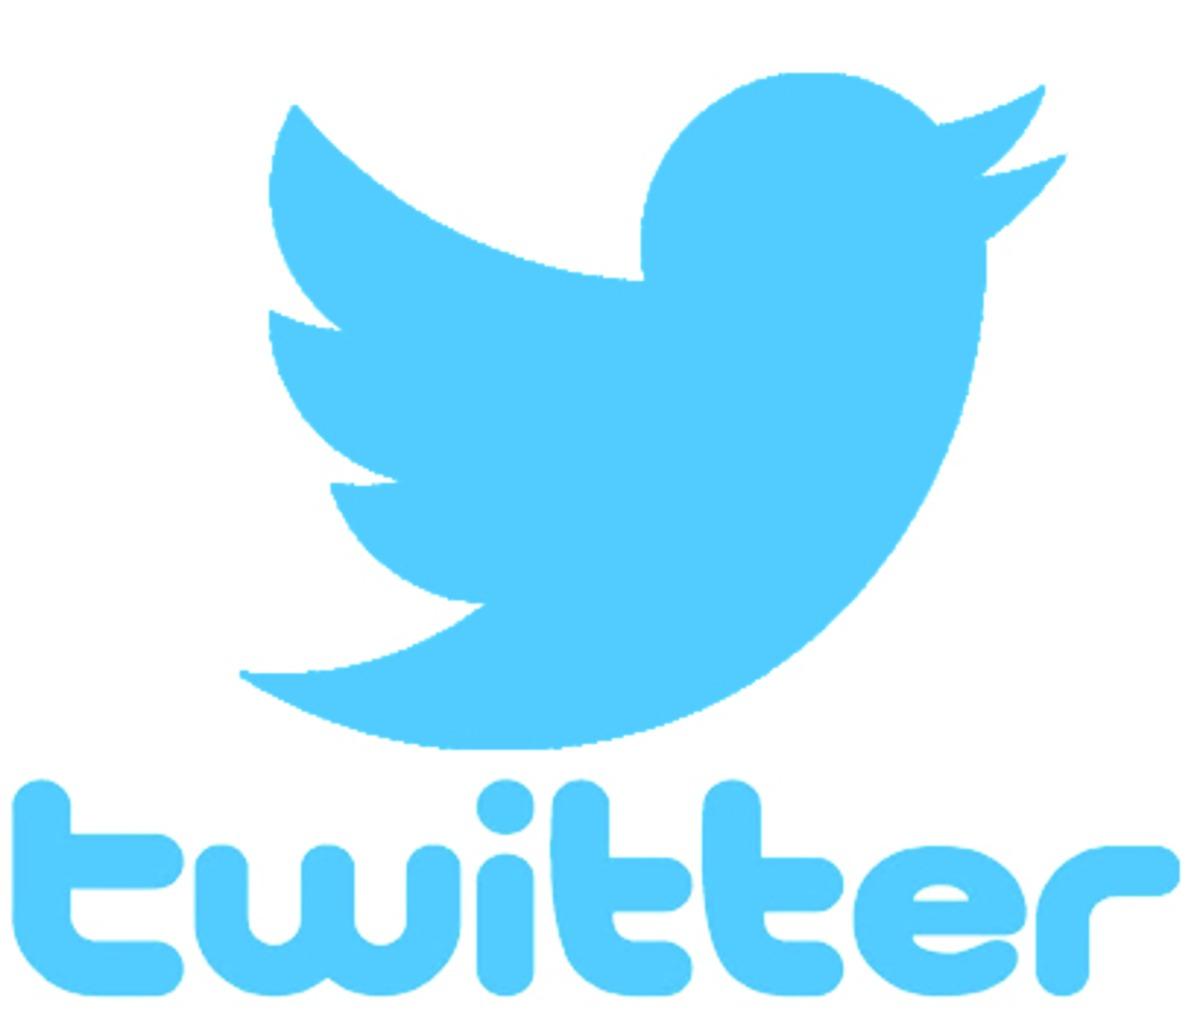 #TecnoTips la plataforma de Twitter actualizó la manera de hacer retweet ahora no se podrá hacer de manera directa, sino se debe citar el tweet. Esto para evitar la desinformación. https://t.co/idGrnIaJrn